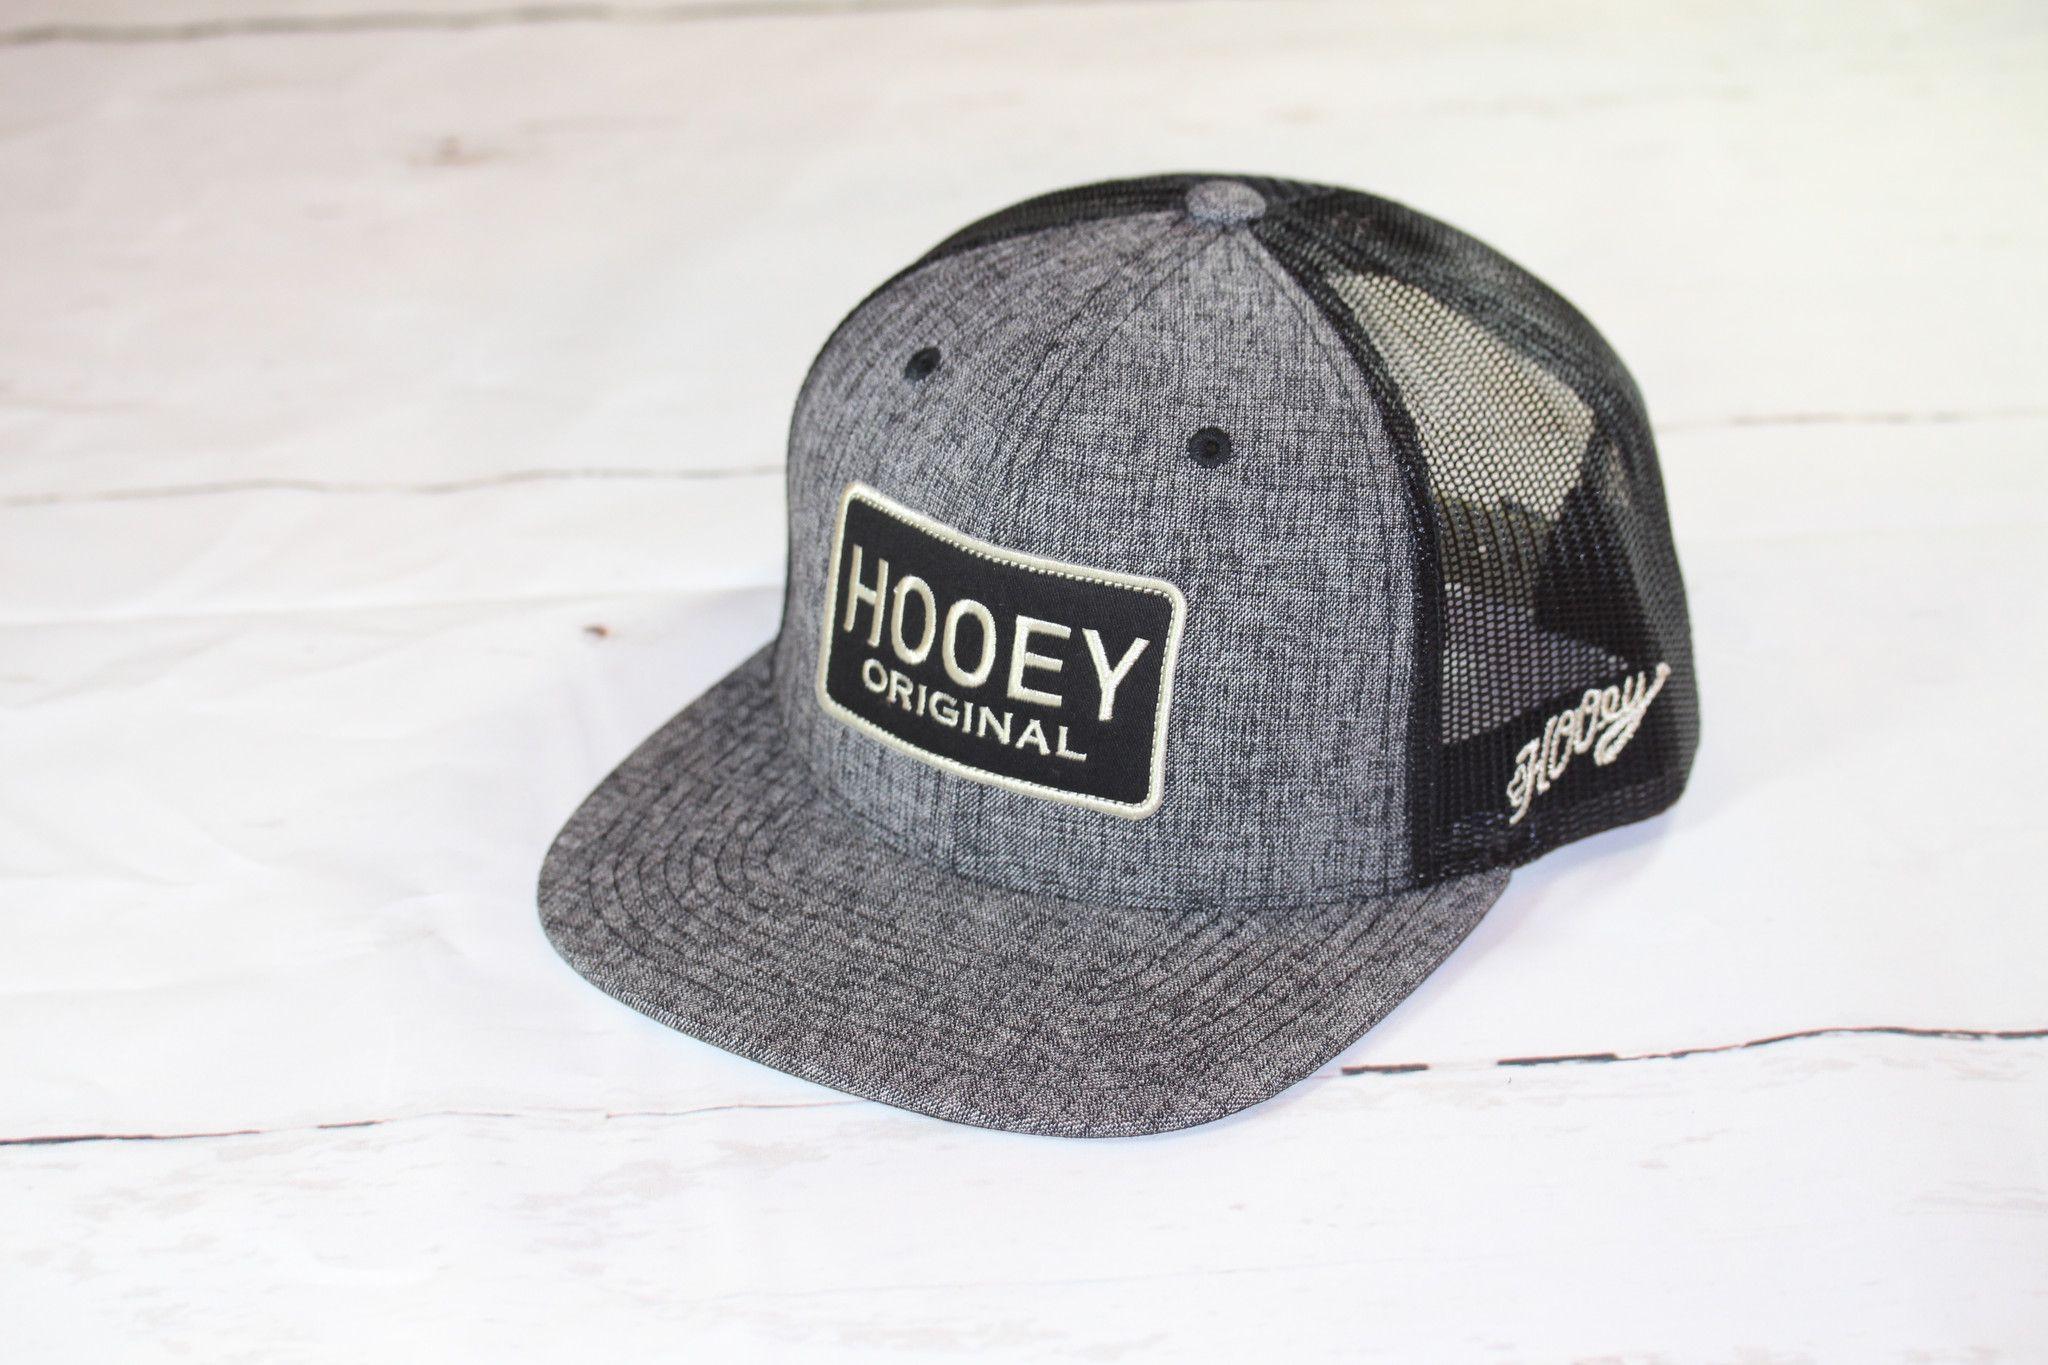 """ef762c6dda4 HOOey Patch Hat """"Hooey Original"""" OSFA (snapback) 1753T-GYBK ..."""